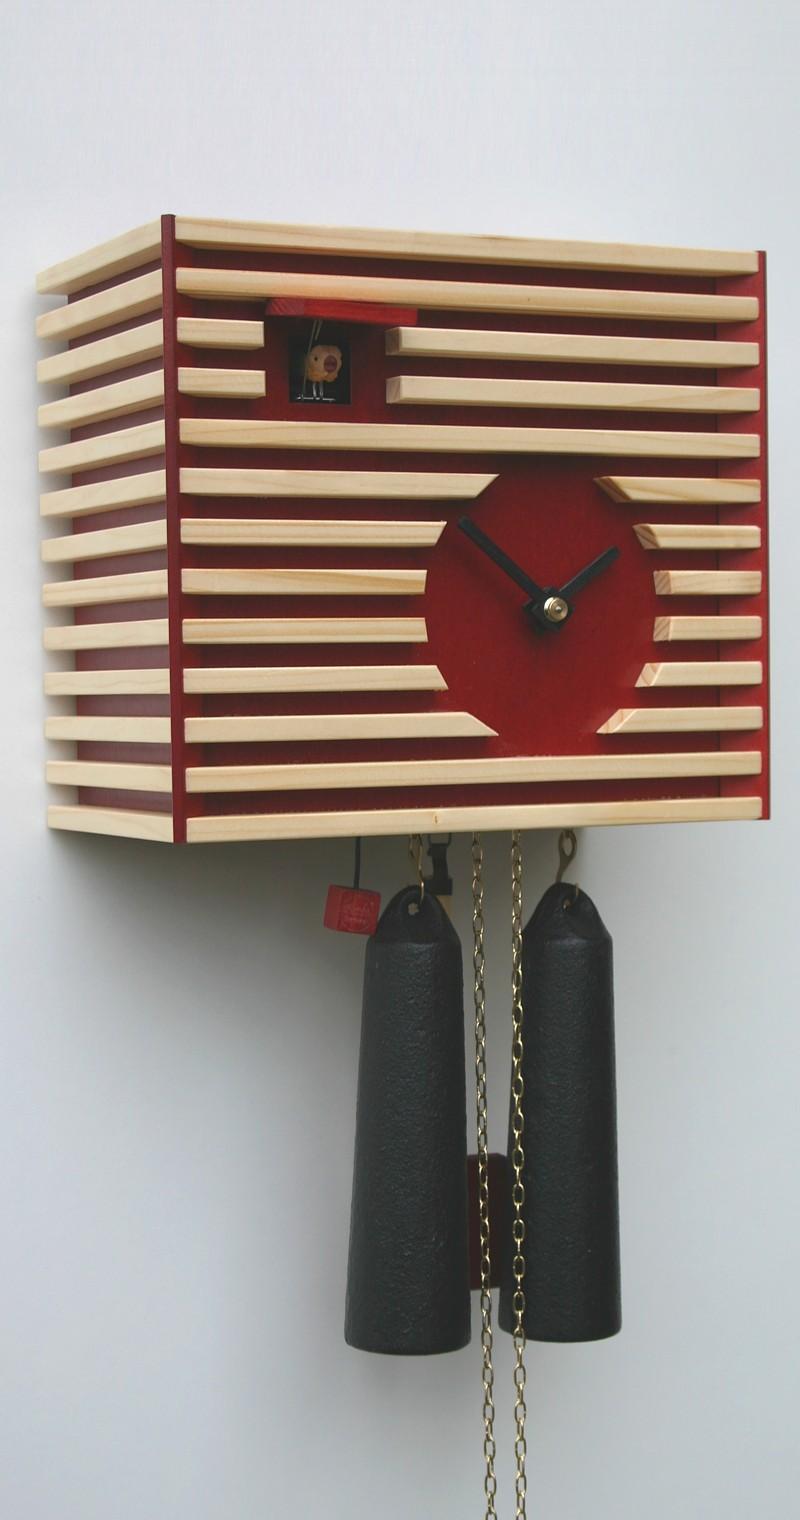 Moderne kuckucksuhr bauhaus stil rot 8 tage werk 8 for Moderne kuckucksuhr